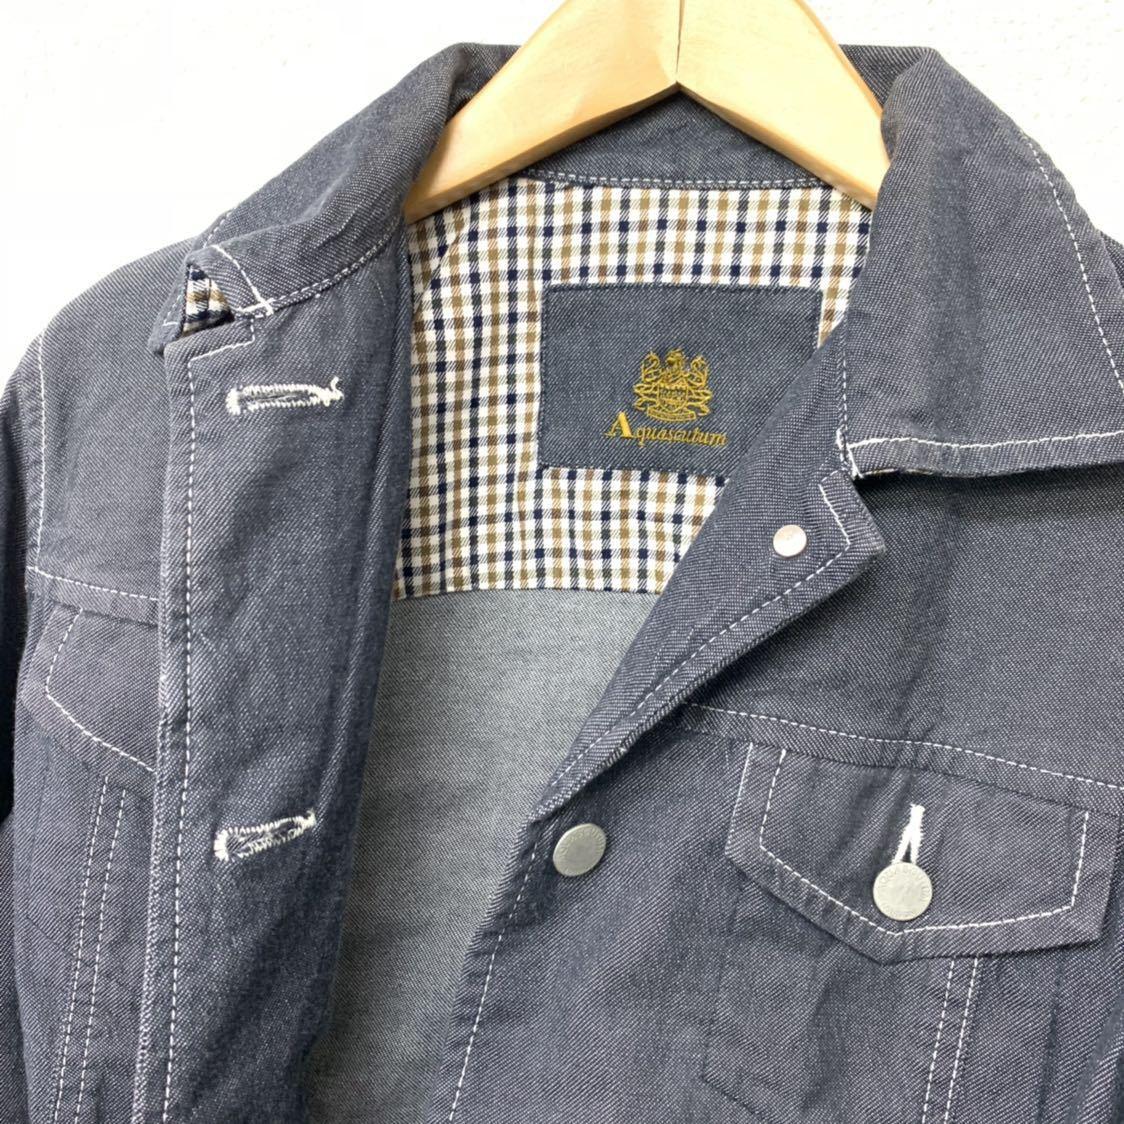 高級 アクアスキュータム Apuascutum セットアップ デニム地 上下 スーツ ジャケット スカート グレー 9 レディース (株)レナウン_画像8